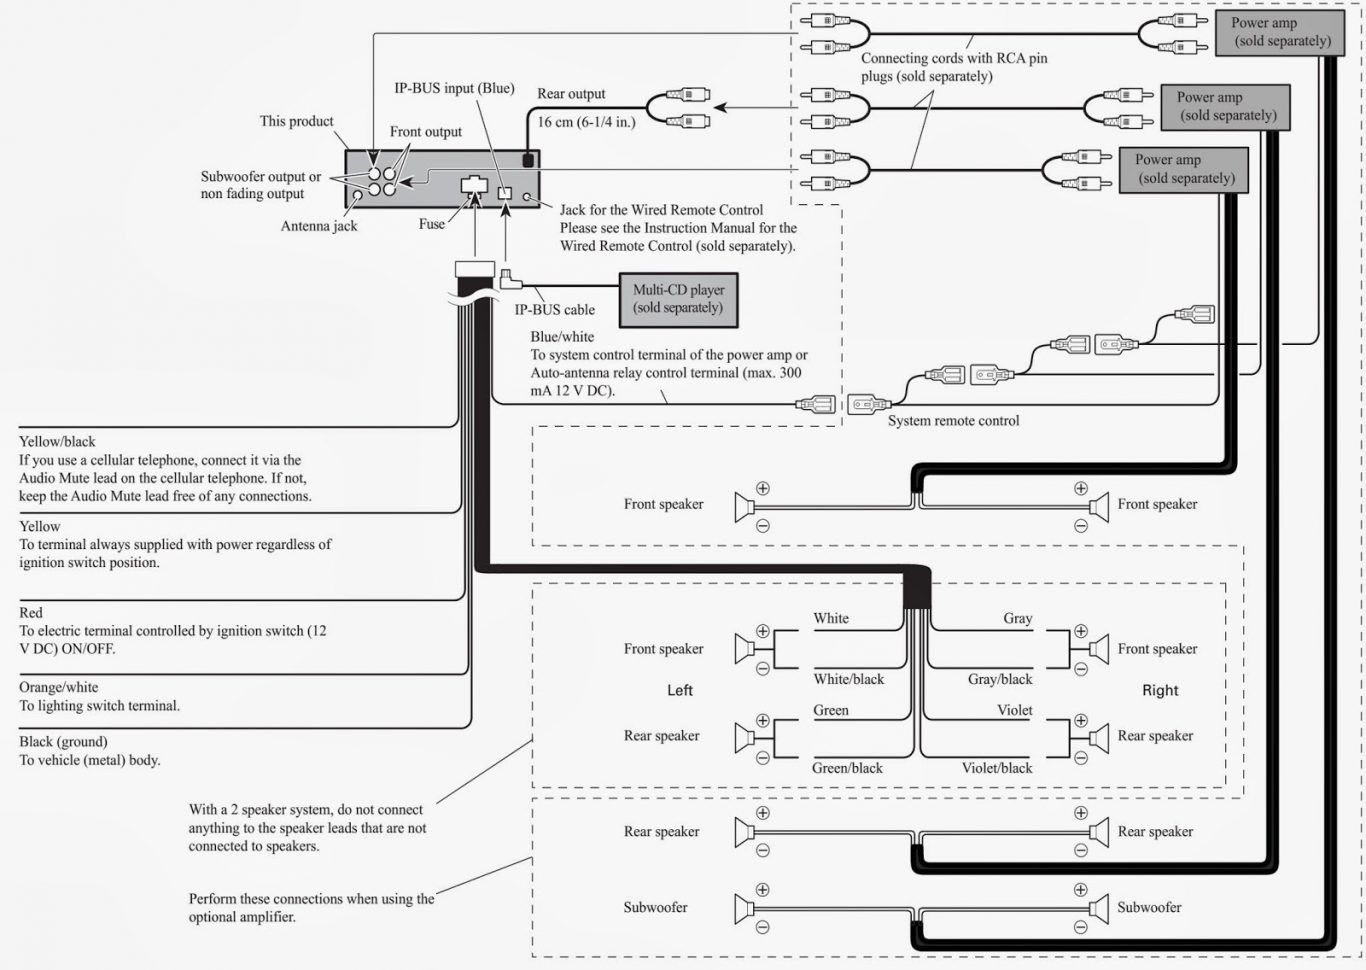 pioneer deh 3400ub wiring diagram 1  pioneer car stereo